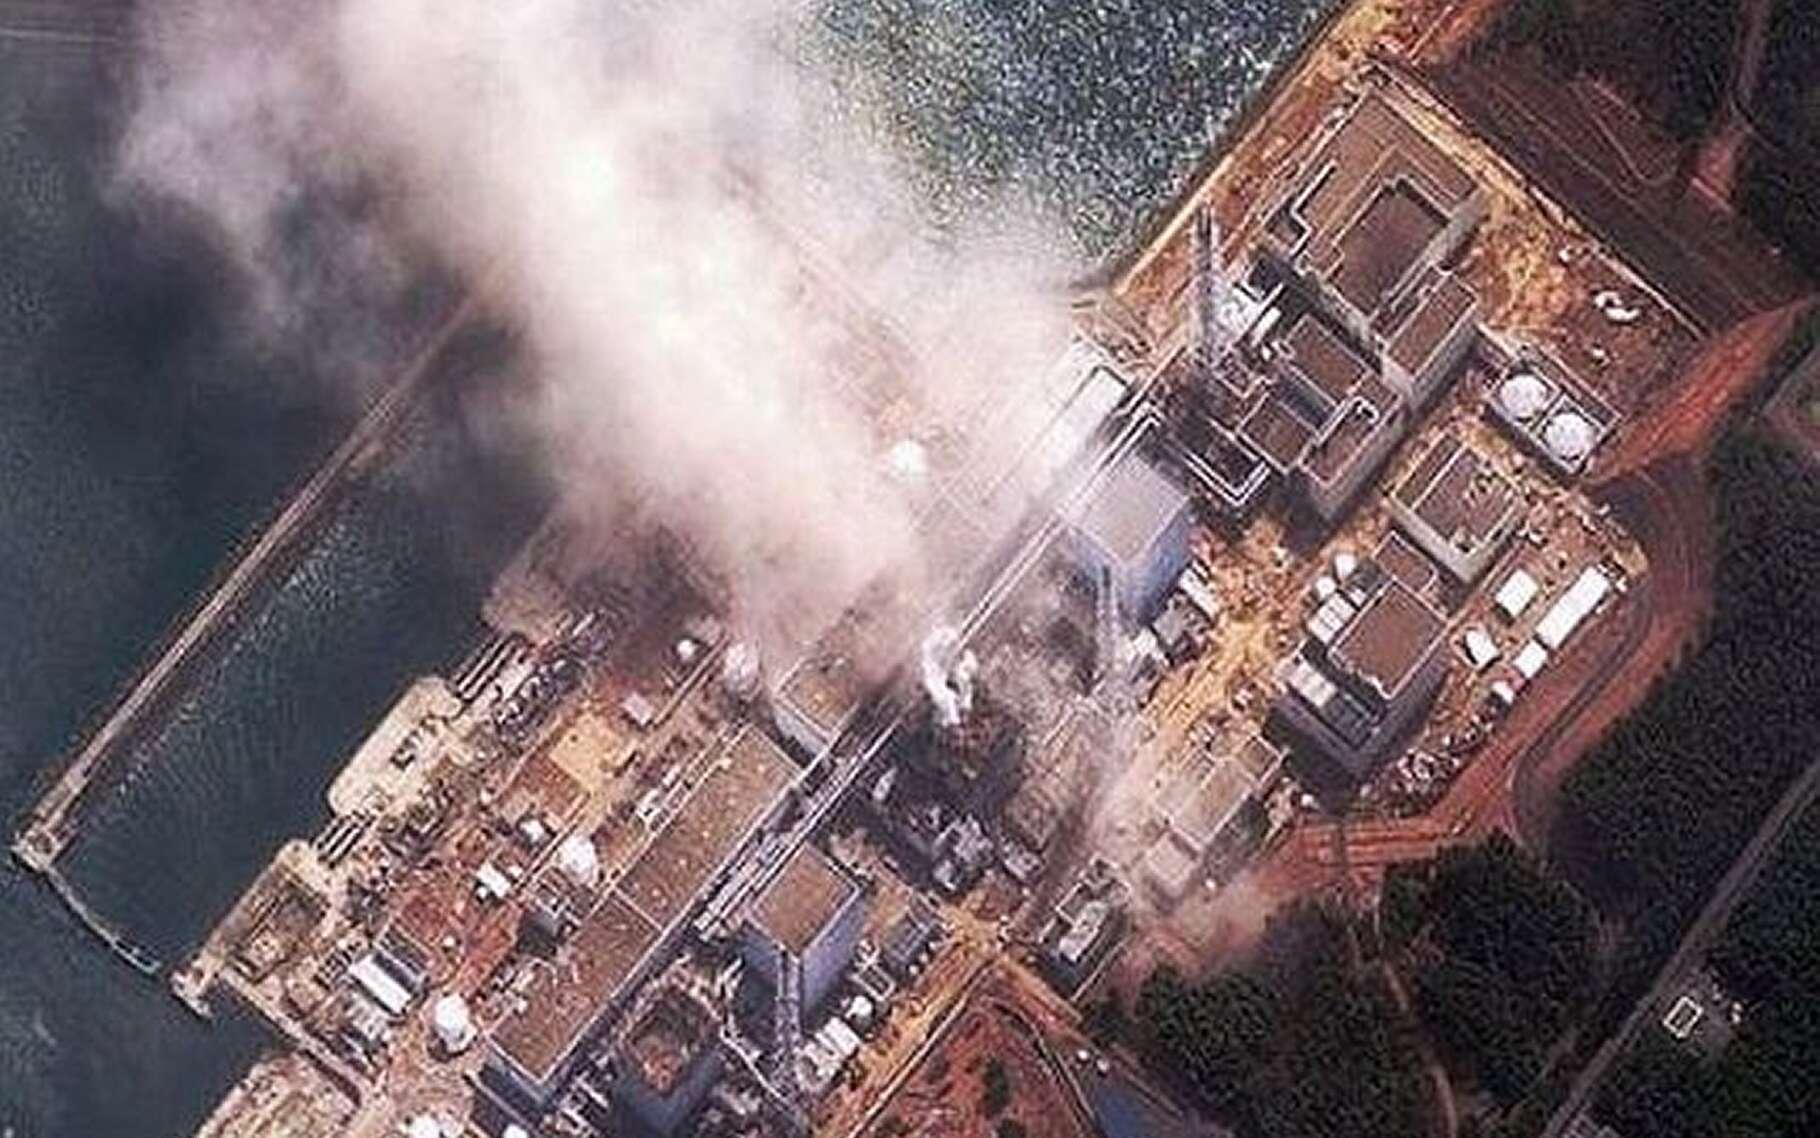 L'incendie du réacteur 1 de la centrale de Fukushima se terminera par une explosion. © Daveeza, Flickr, CC by-nc 2.0